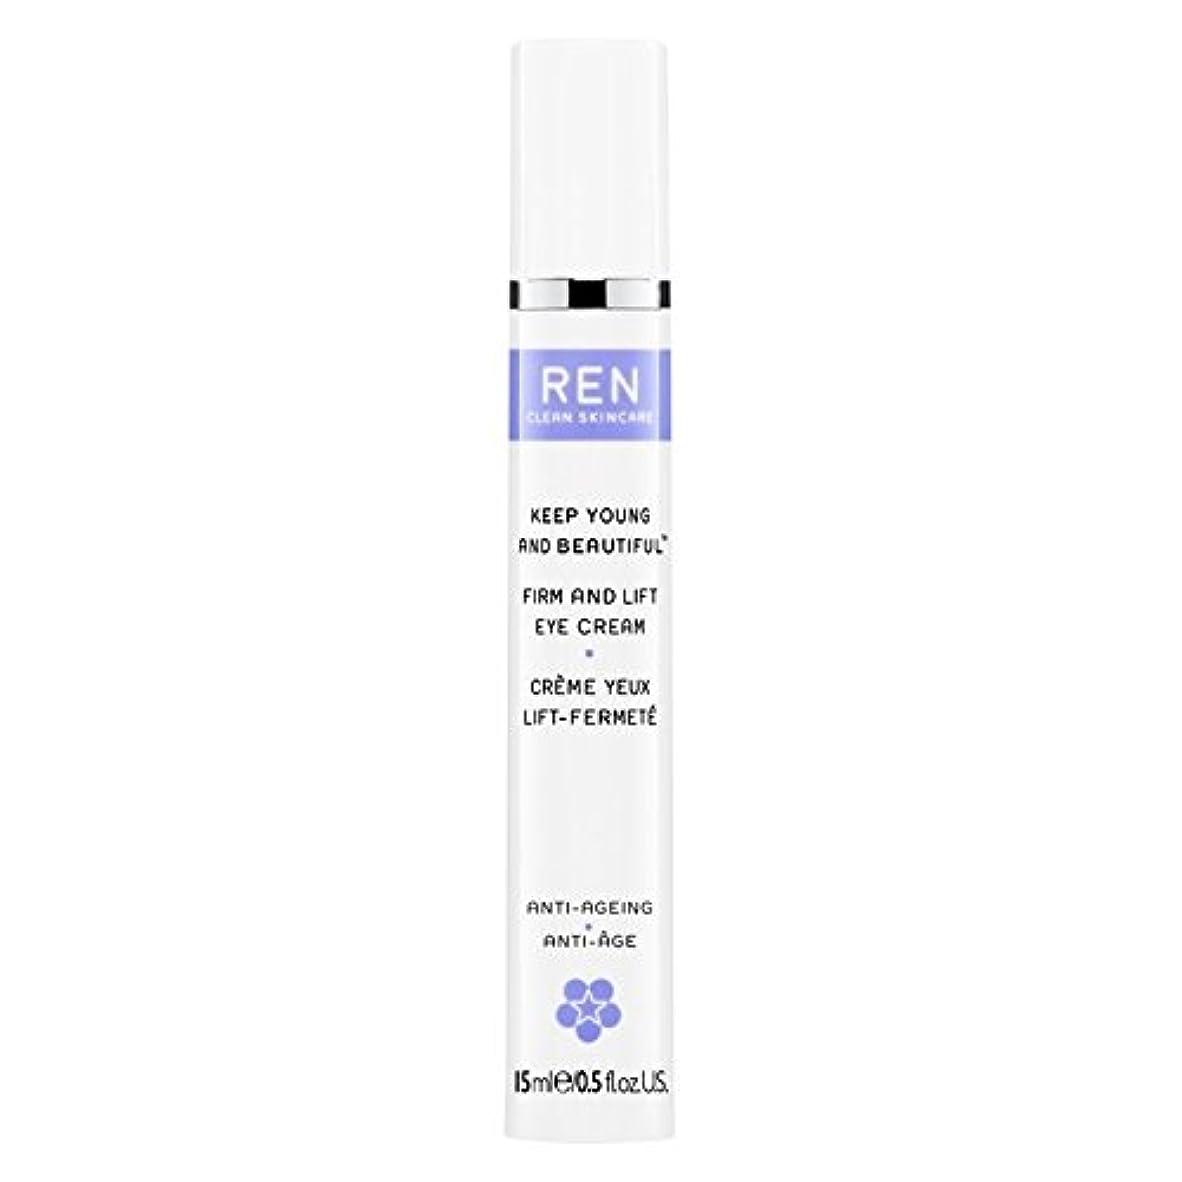 驚くべきシェード回想Ren若くて美しい?しっかりとリフトアイクリーム15ミリリットルを保ちます (REN) (x6) - REN Keep Young and Beautiful? Firm and Lift Eye Cream 15ml (Pack of 6) [並行輸入品]